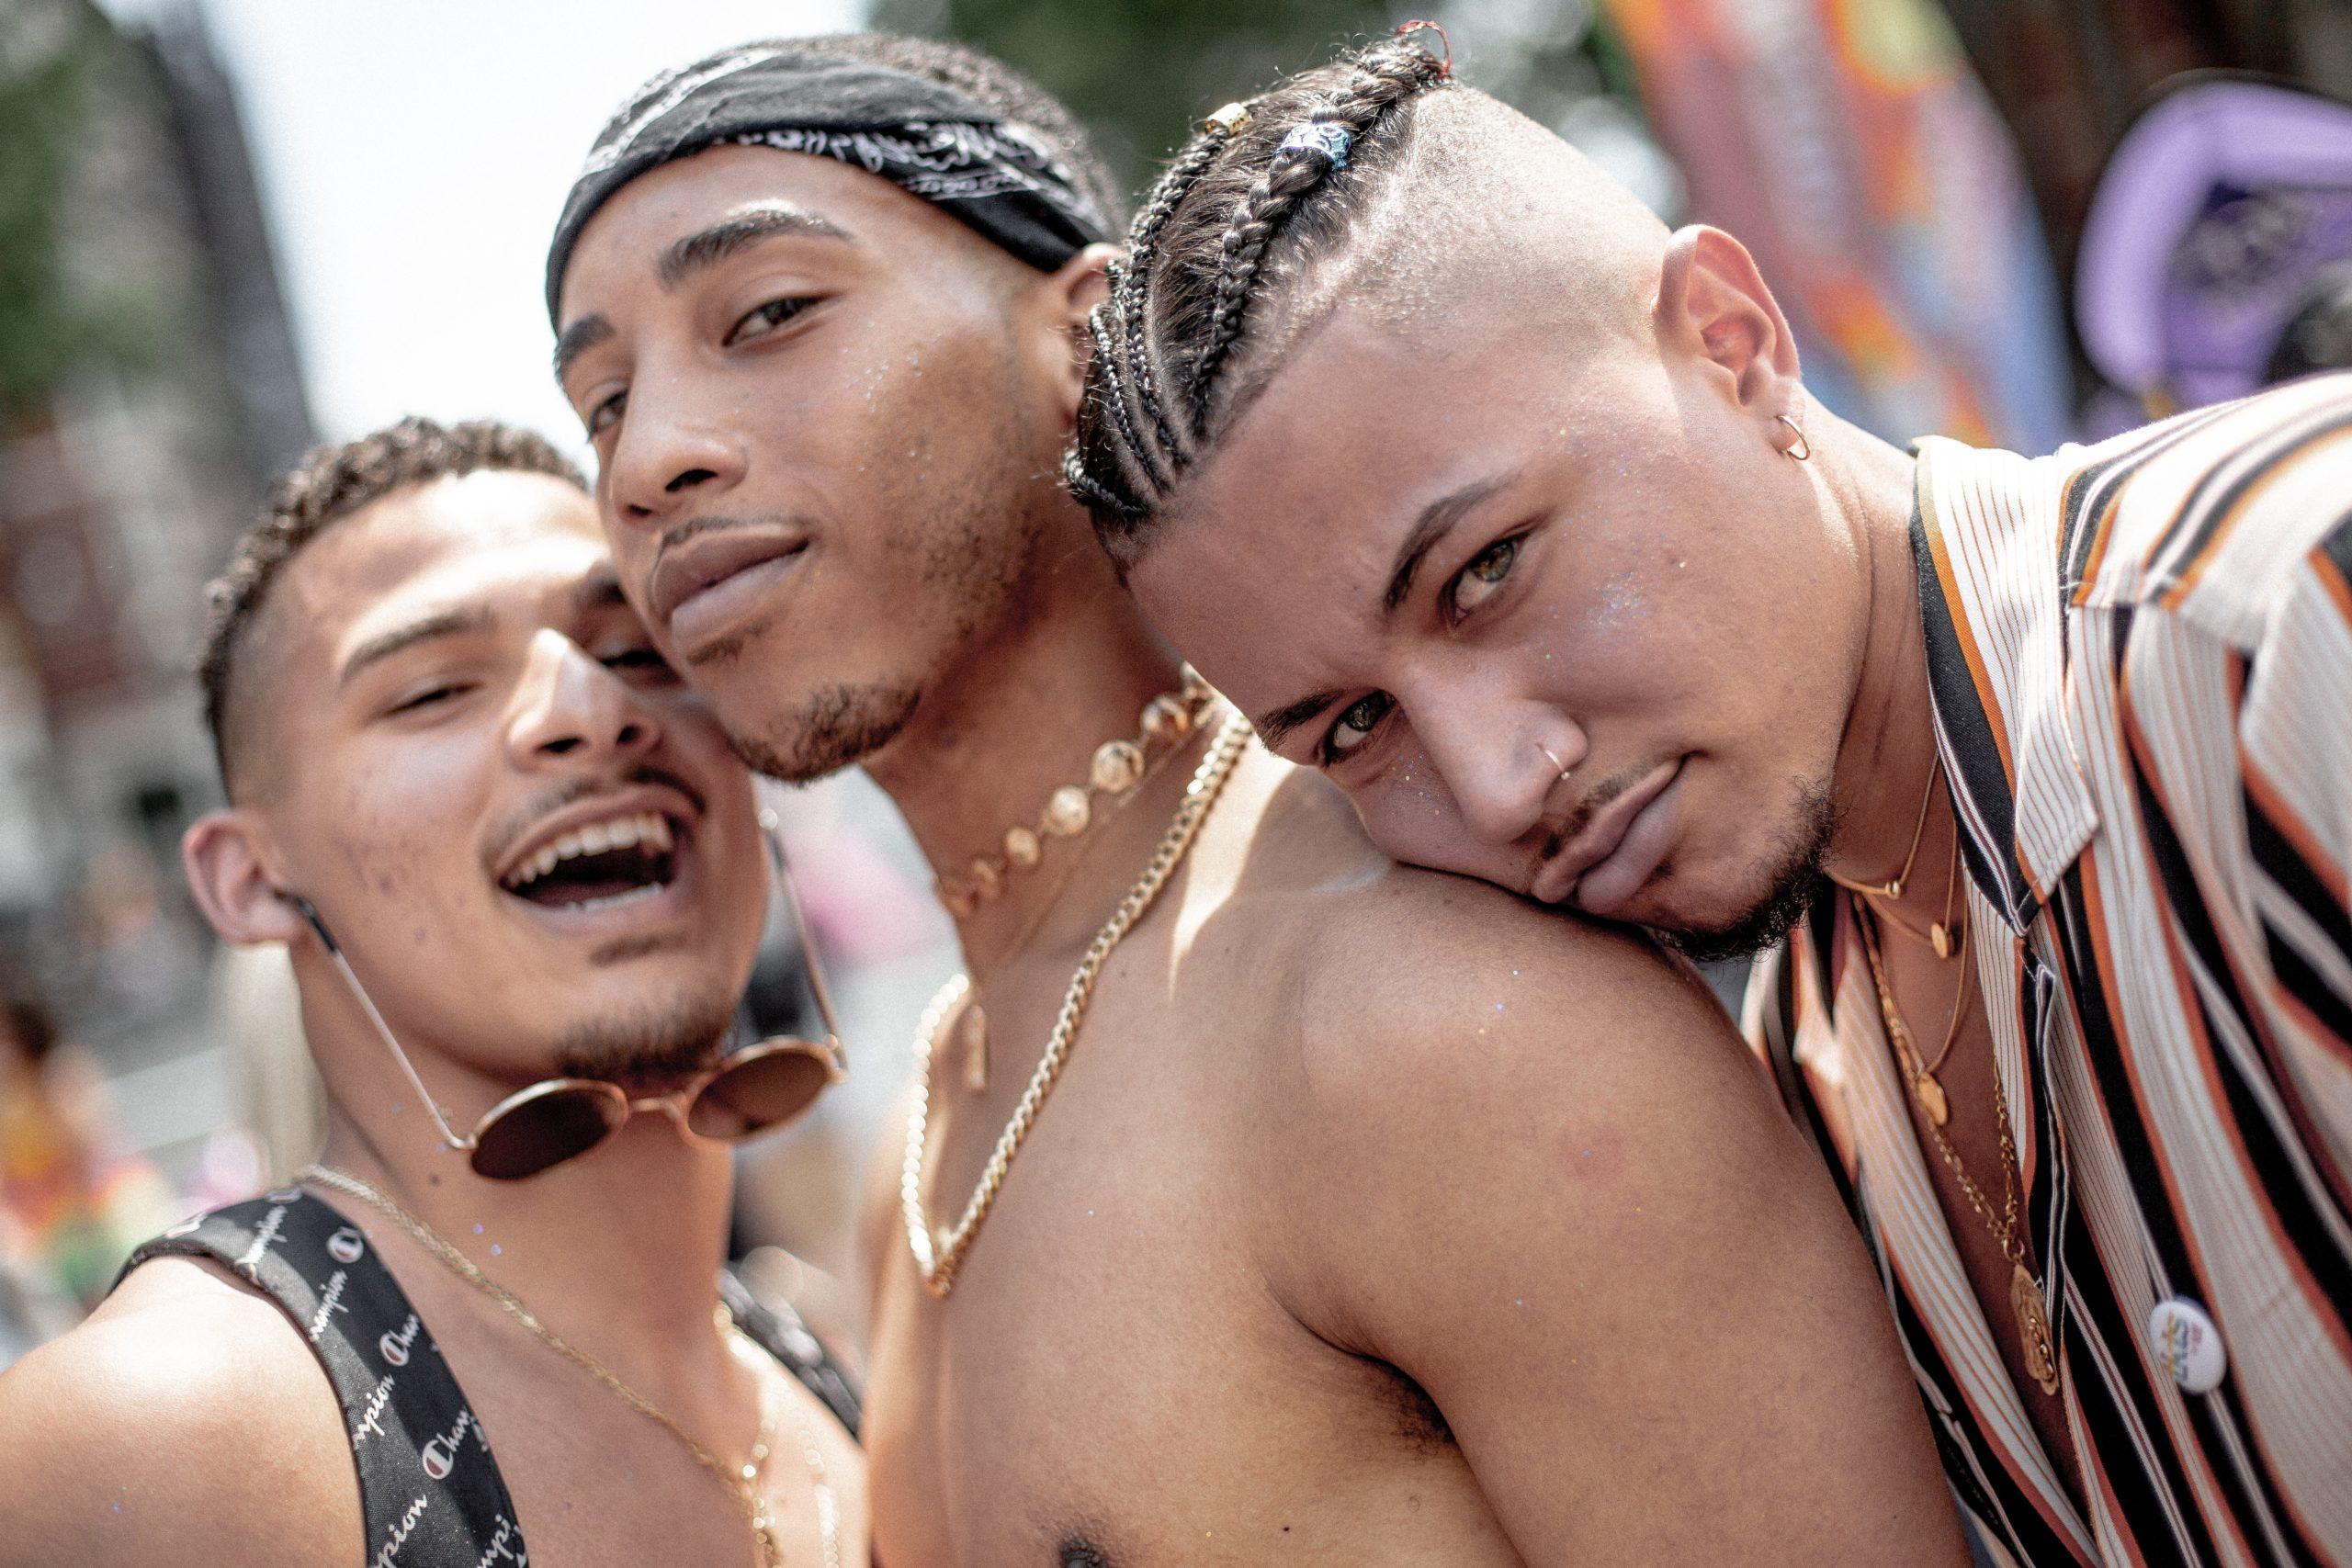 「ゲイのルームシェア」デメリット